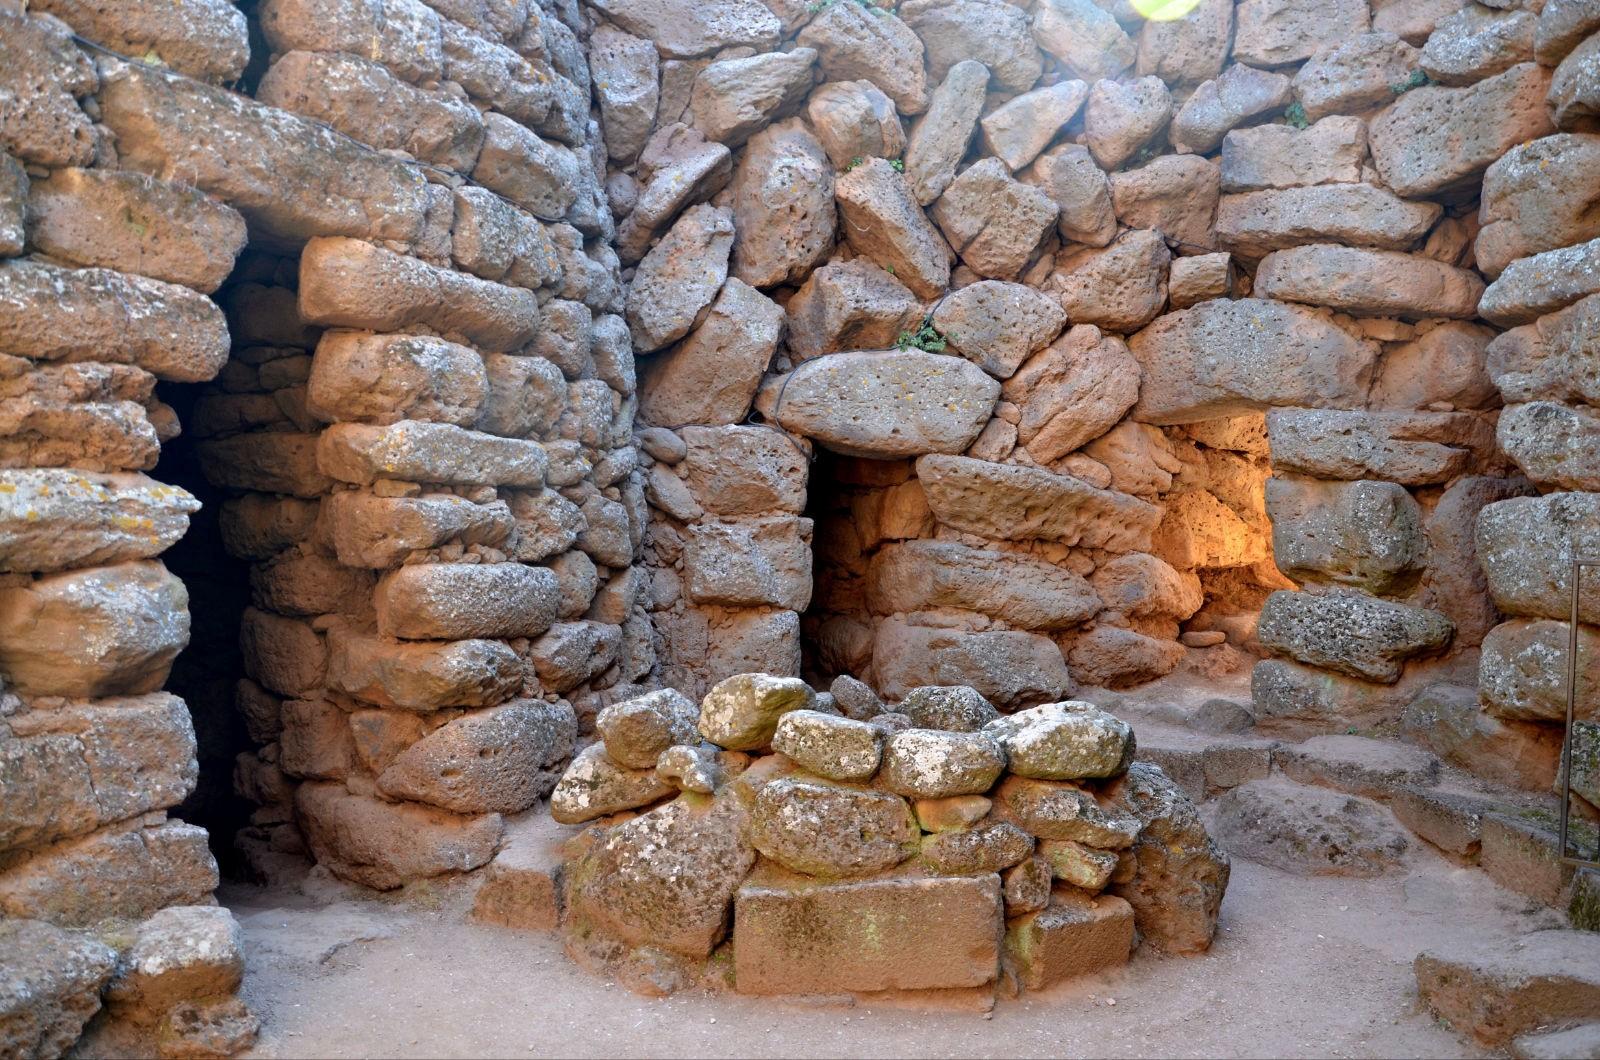 Sardegna da scoprire: il Nuraghe Arrubiu di Orroli, anche chiamato il Gigante Rosso